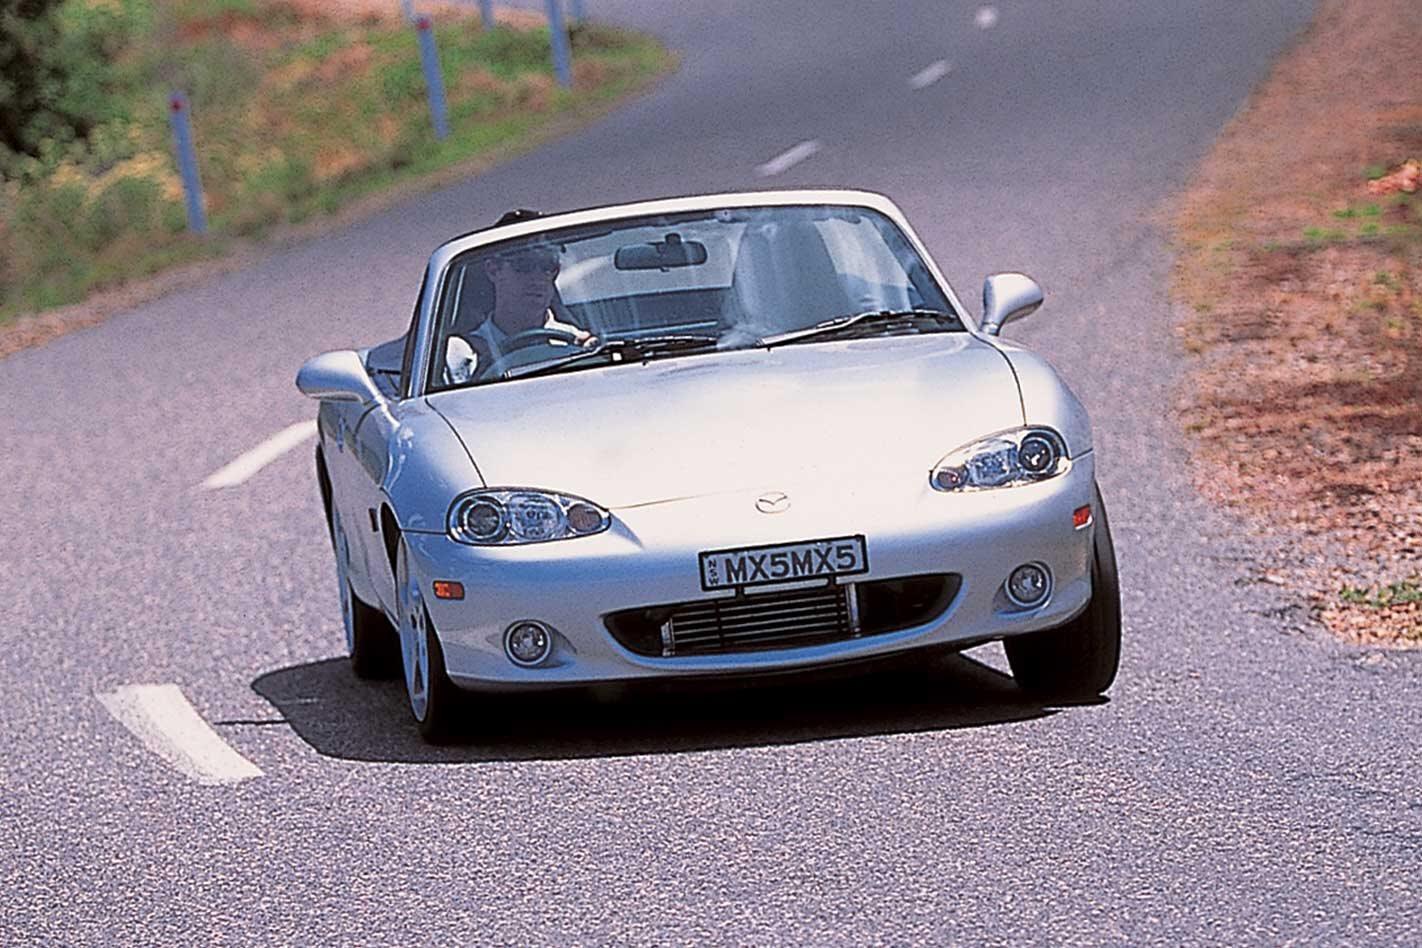 2002 Mazda MX-5 SP used car review